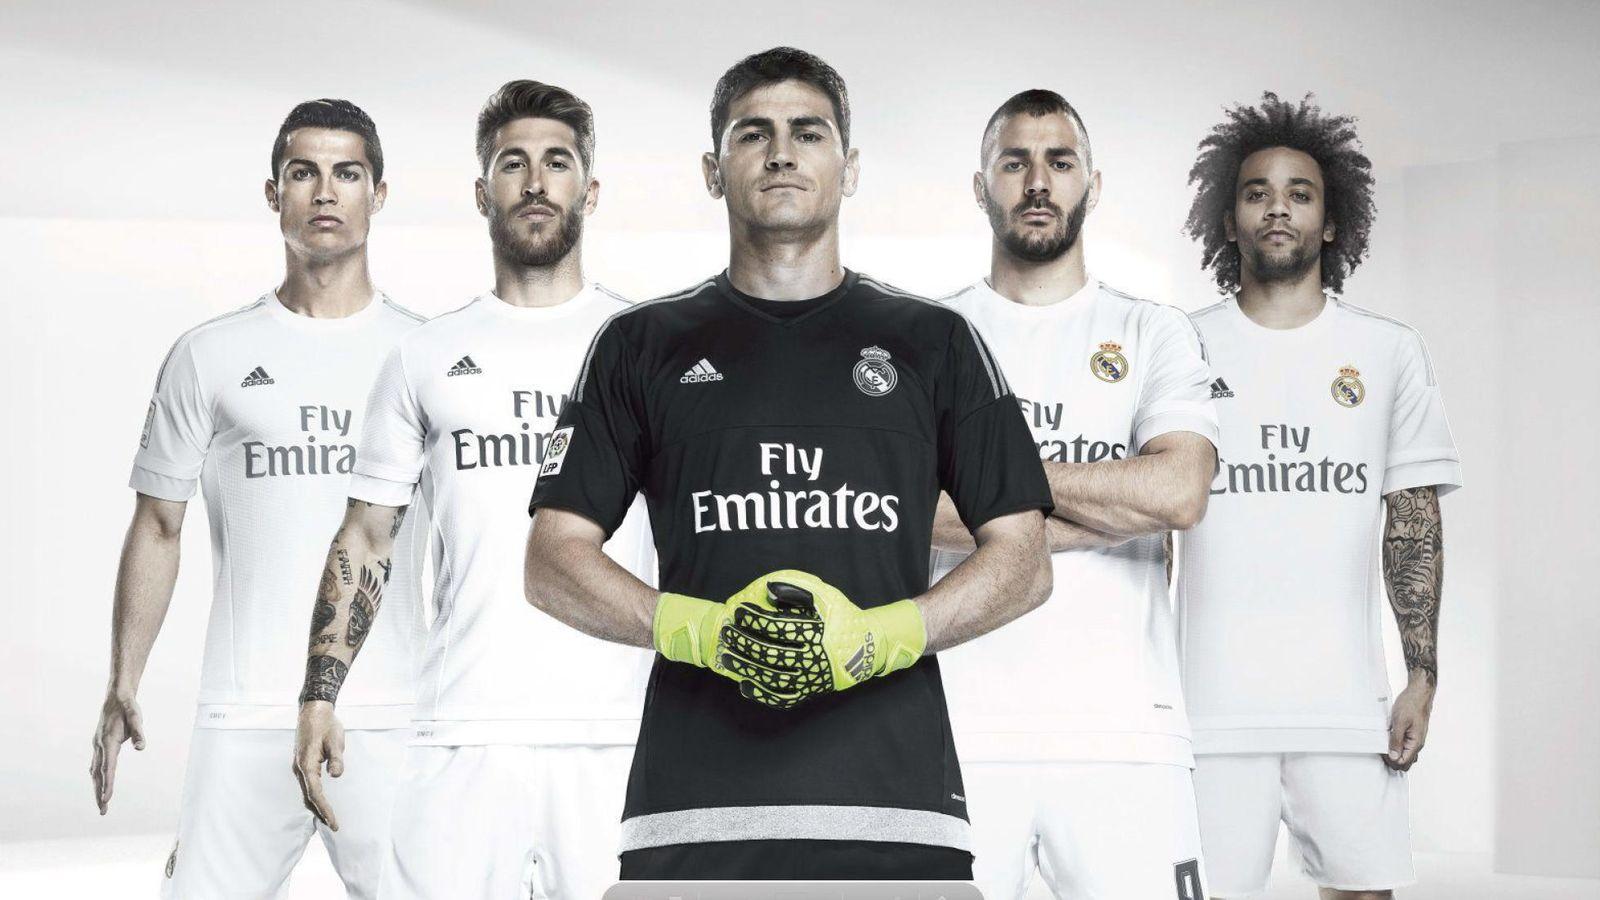 Foto: Presentación de la nueva camiseta del Real Madrid, con Cristiano, Ramos, Casillas, Benzema y Marcelo